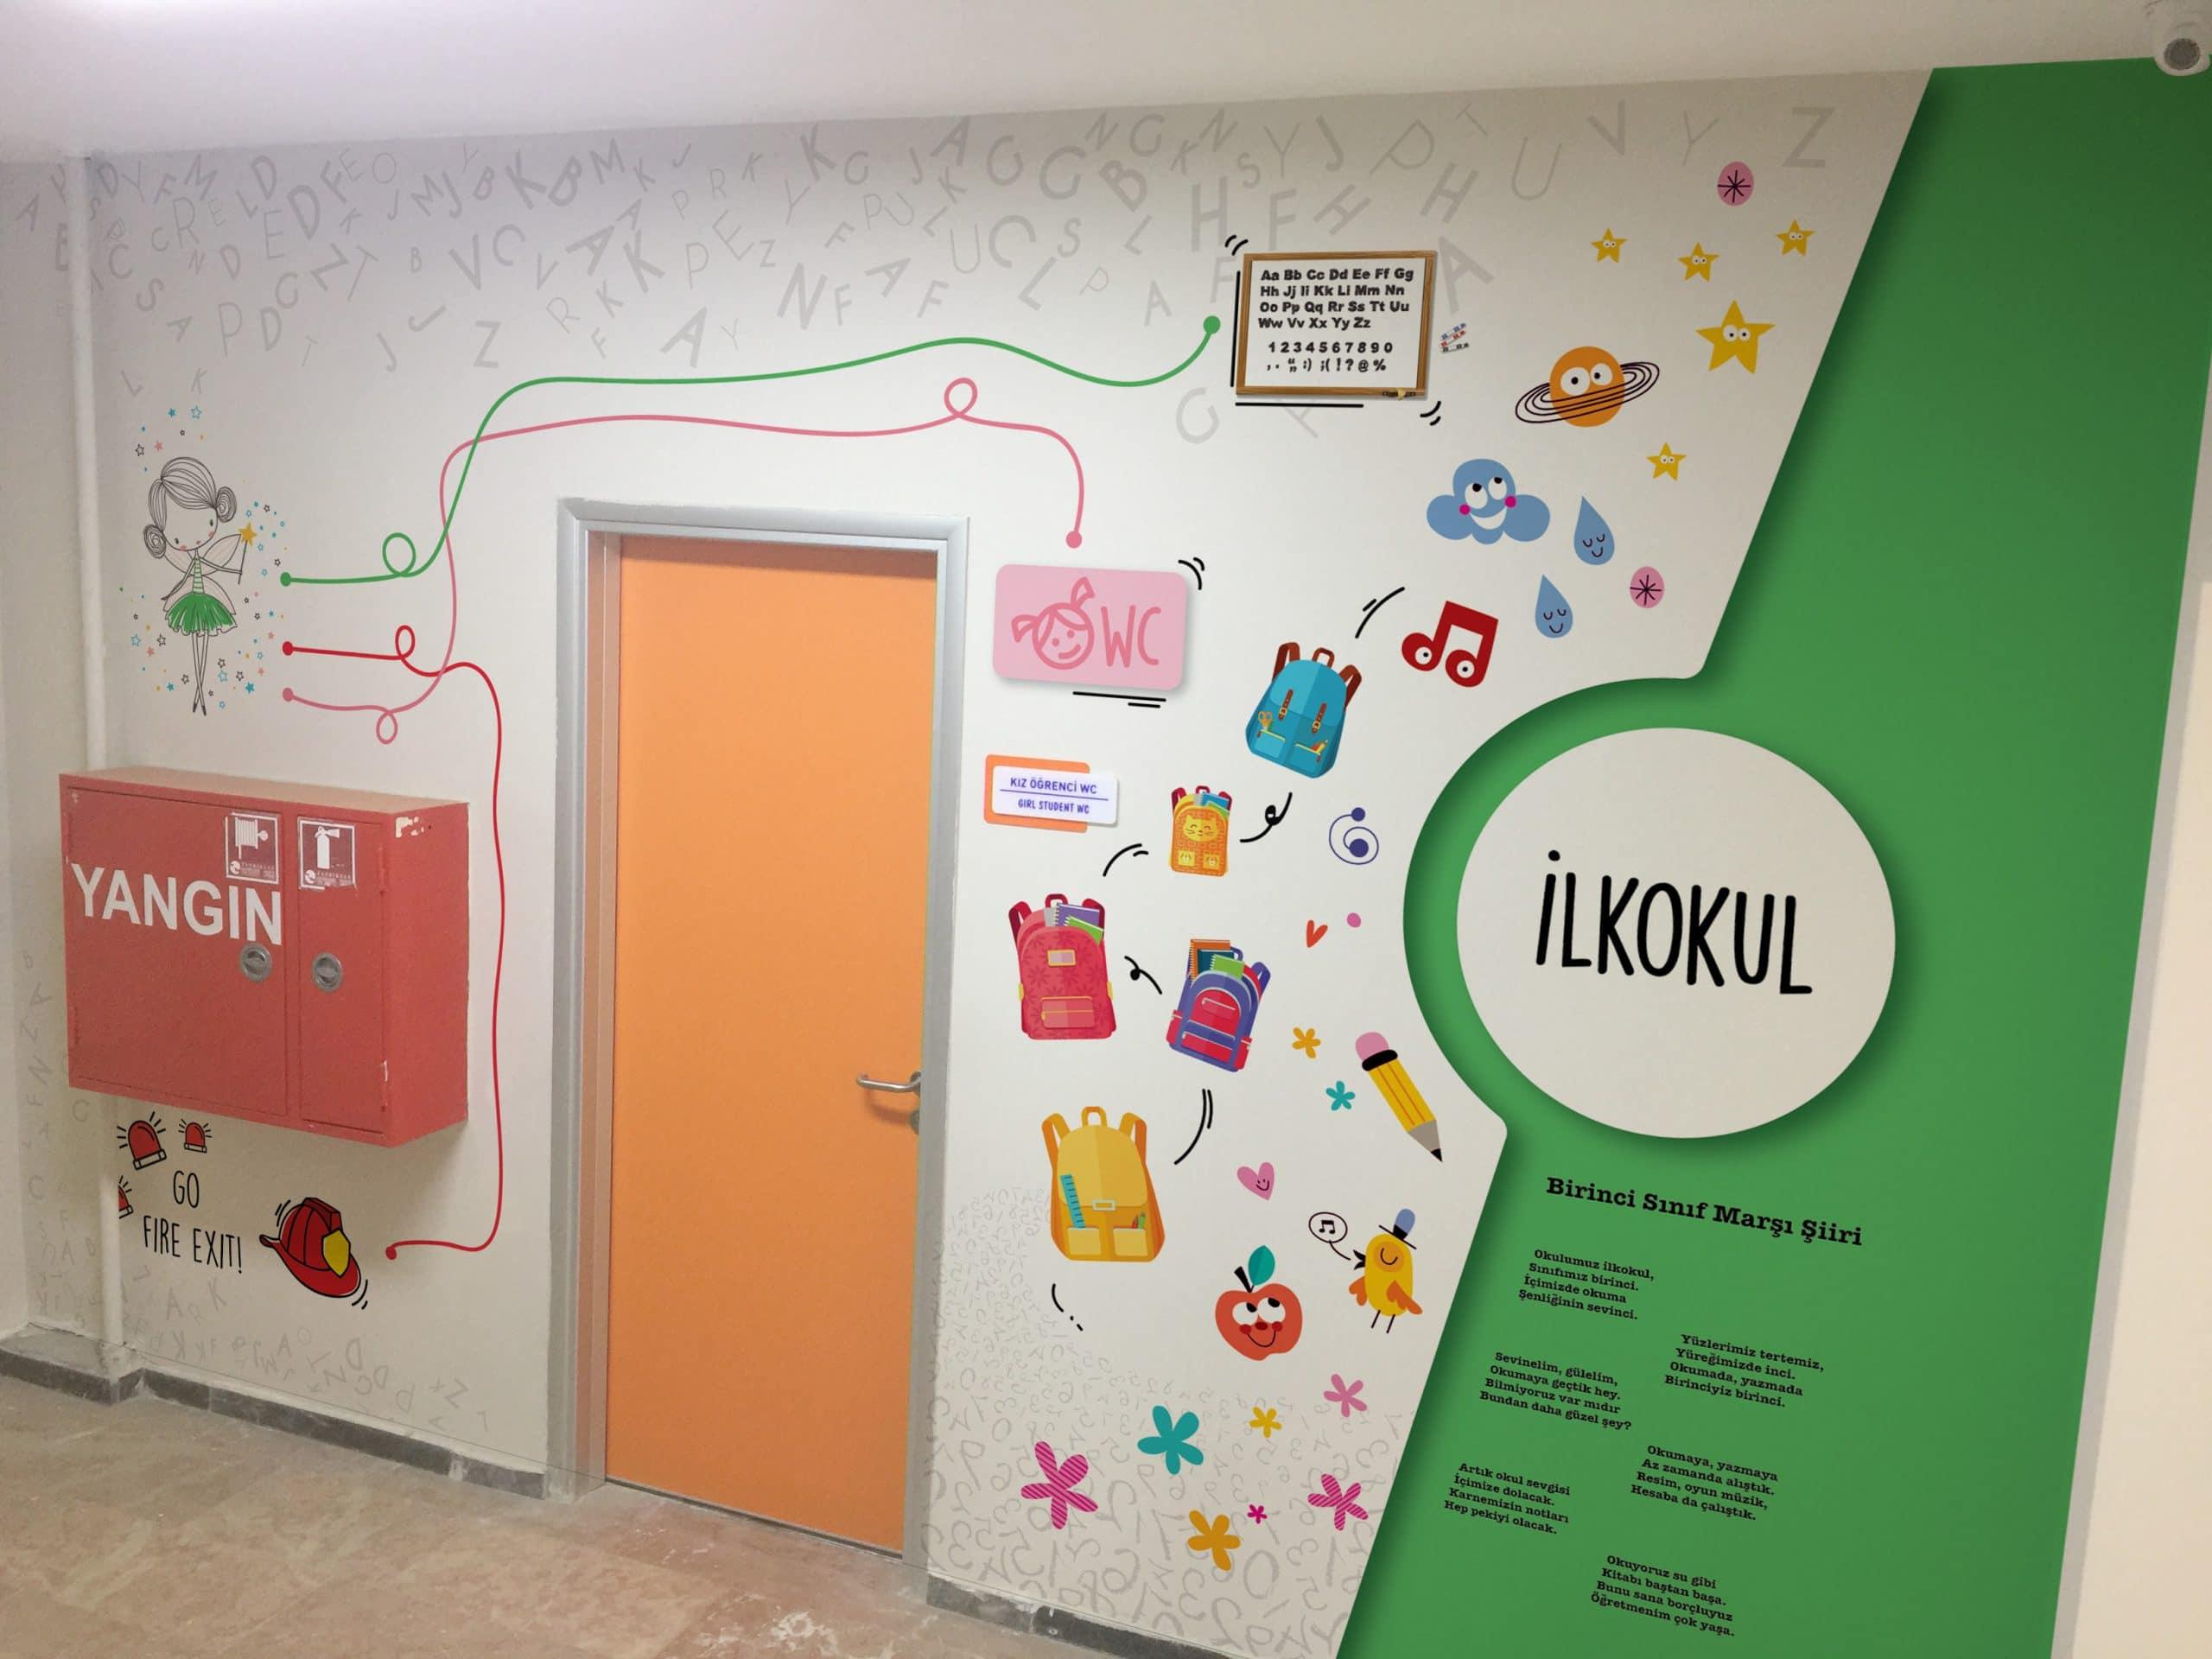 bo 01 | Okul Tasarımcısı | Okul Duvar Posterleri